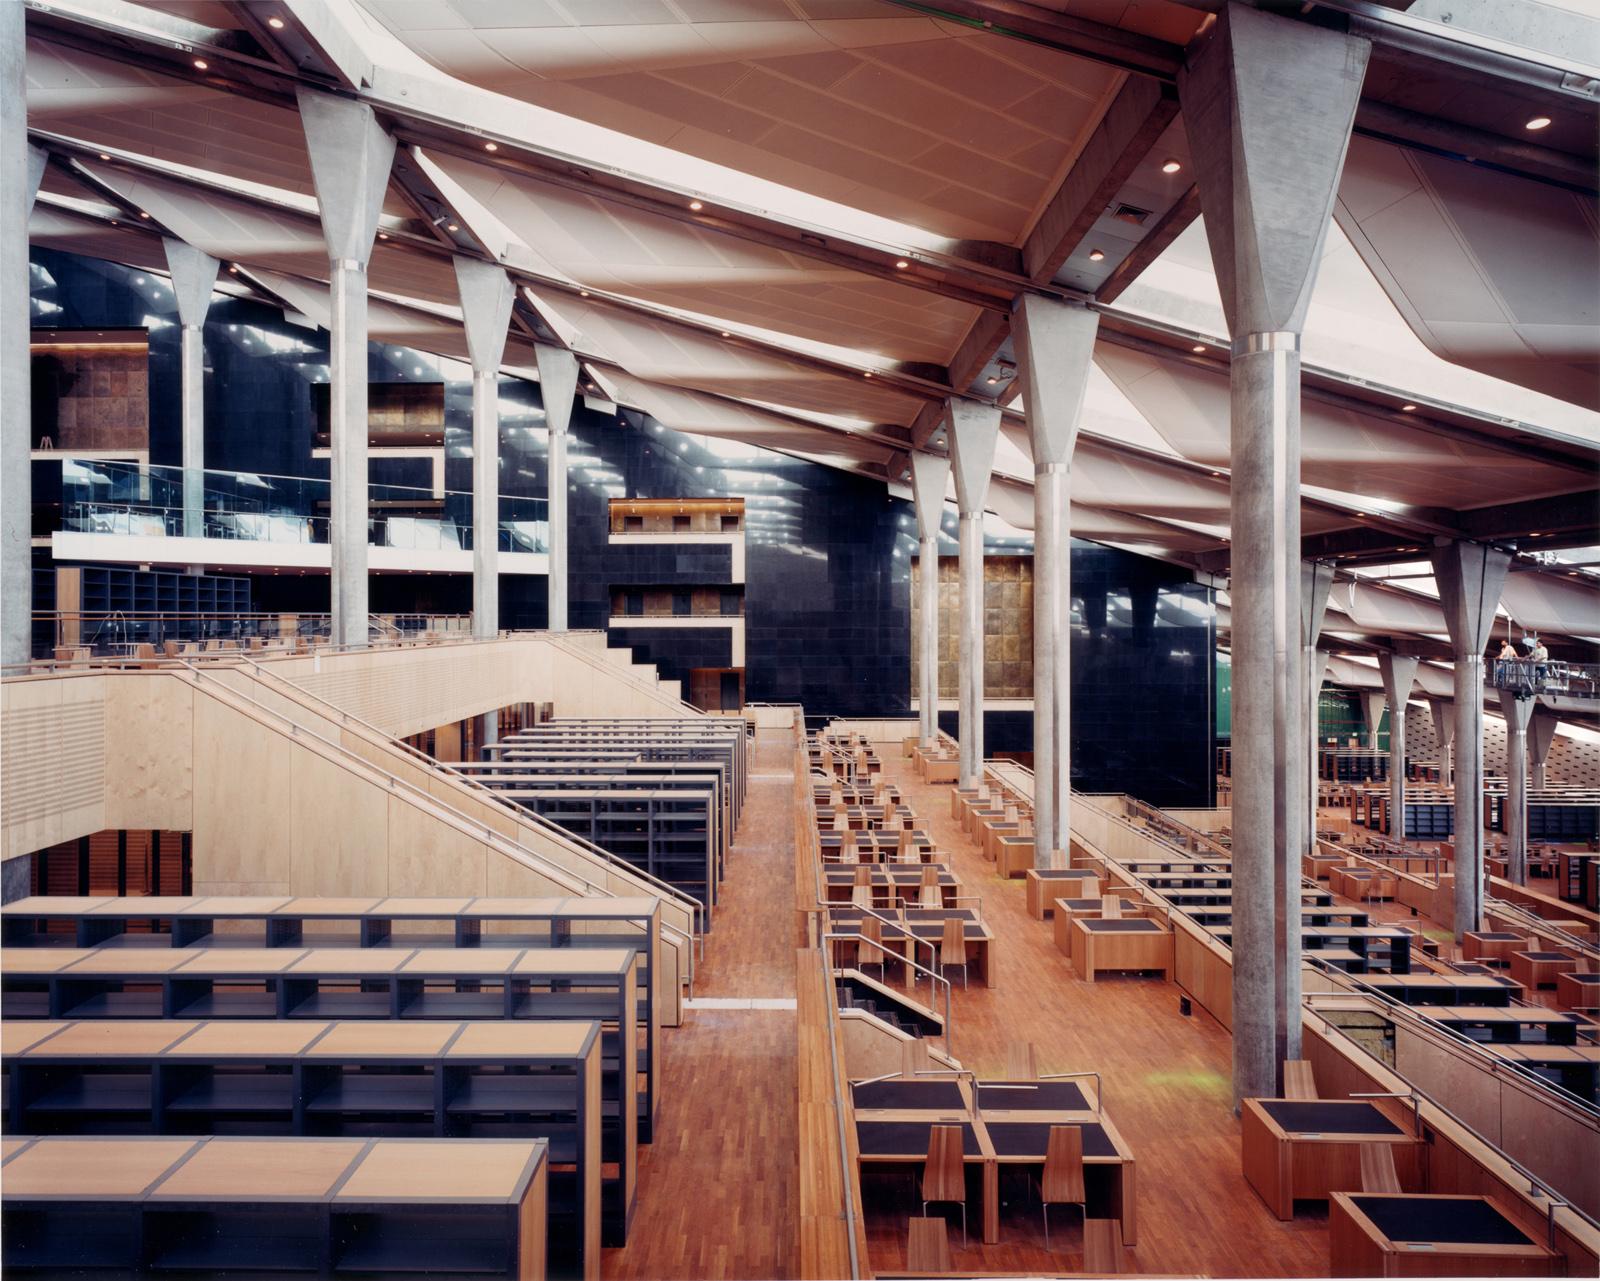 The interior of the Alexandria Library in Alexandria, Egypt. Photo by James Willis, courtesy Snøhetta and SFMoMA.